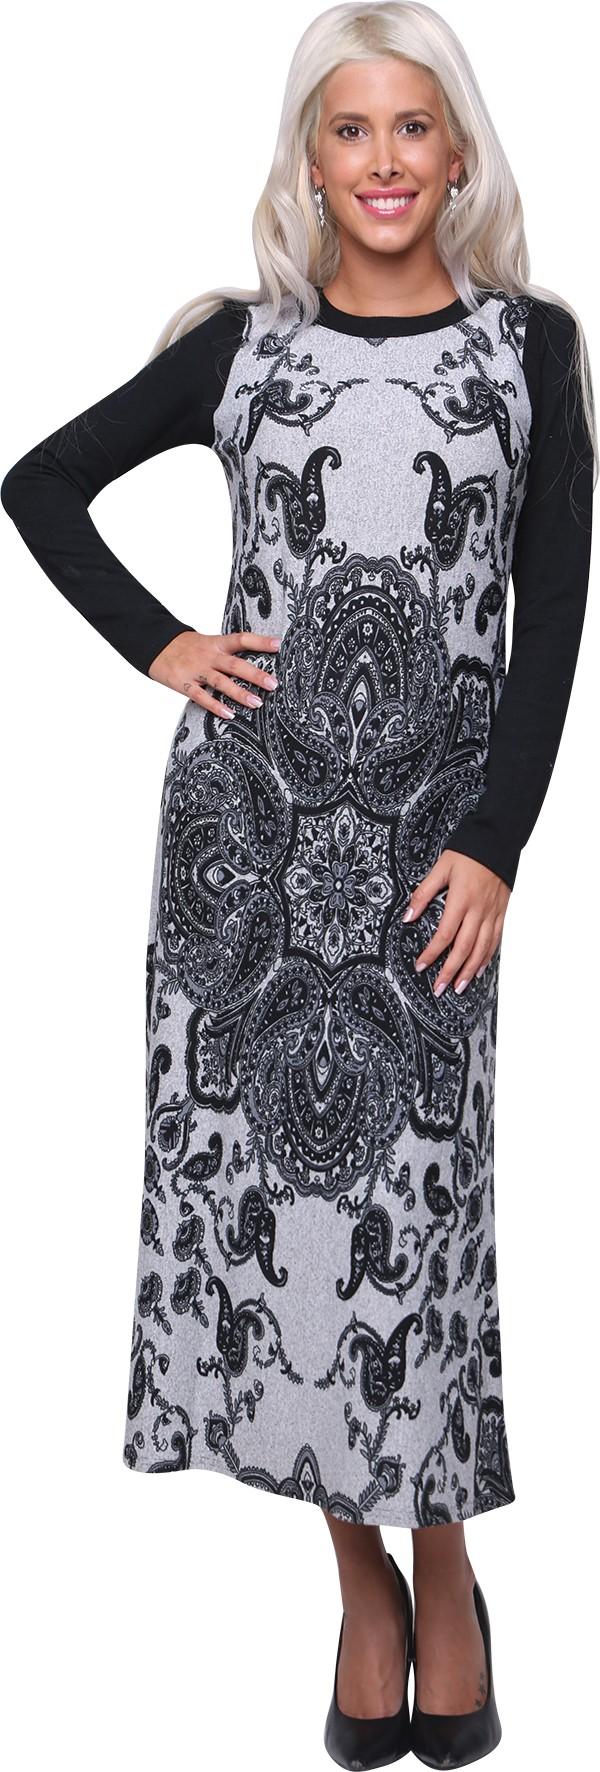 שמלת סריג שילוב מודפס 2B249